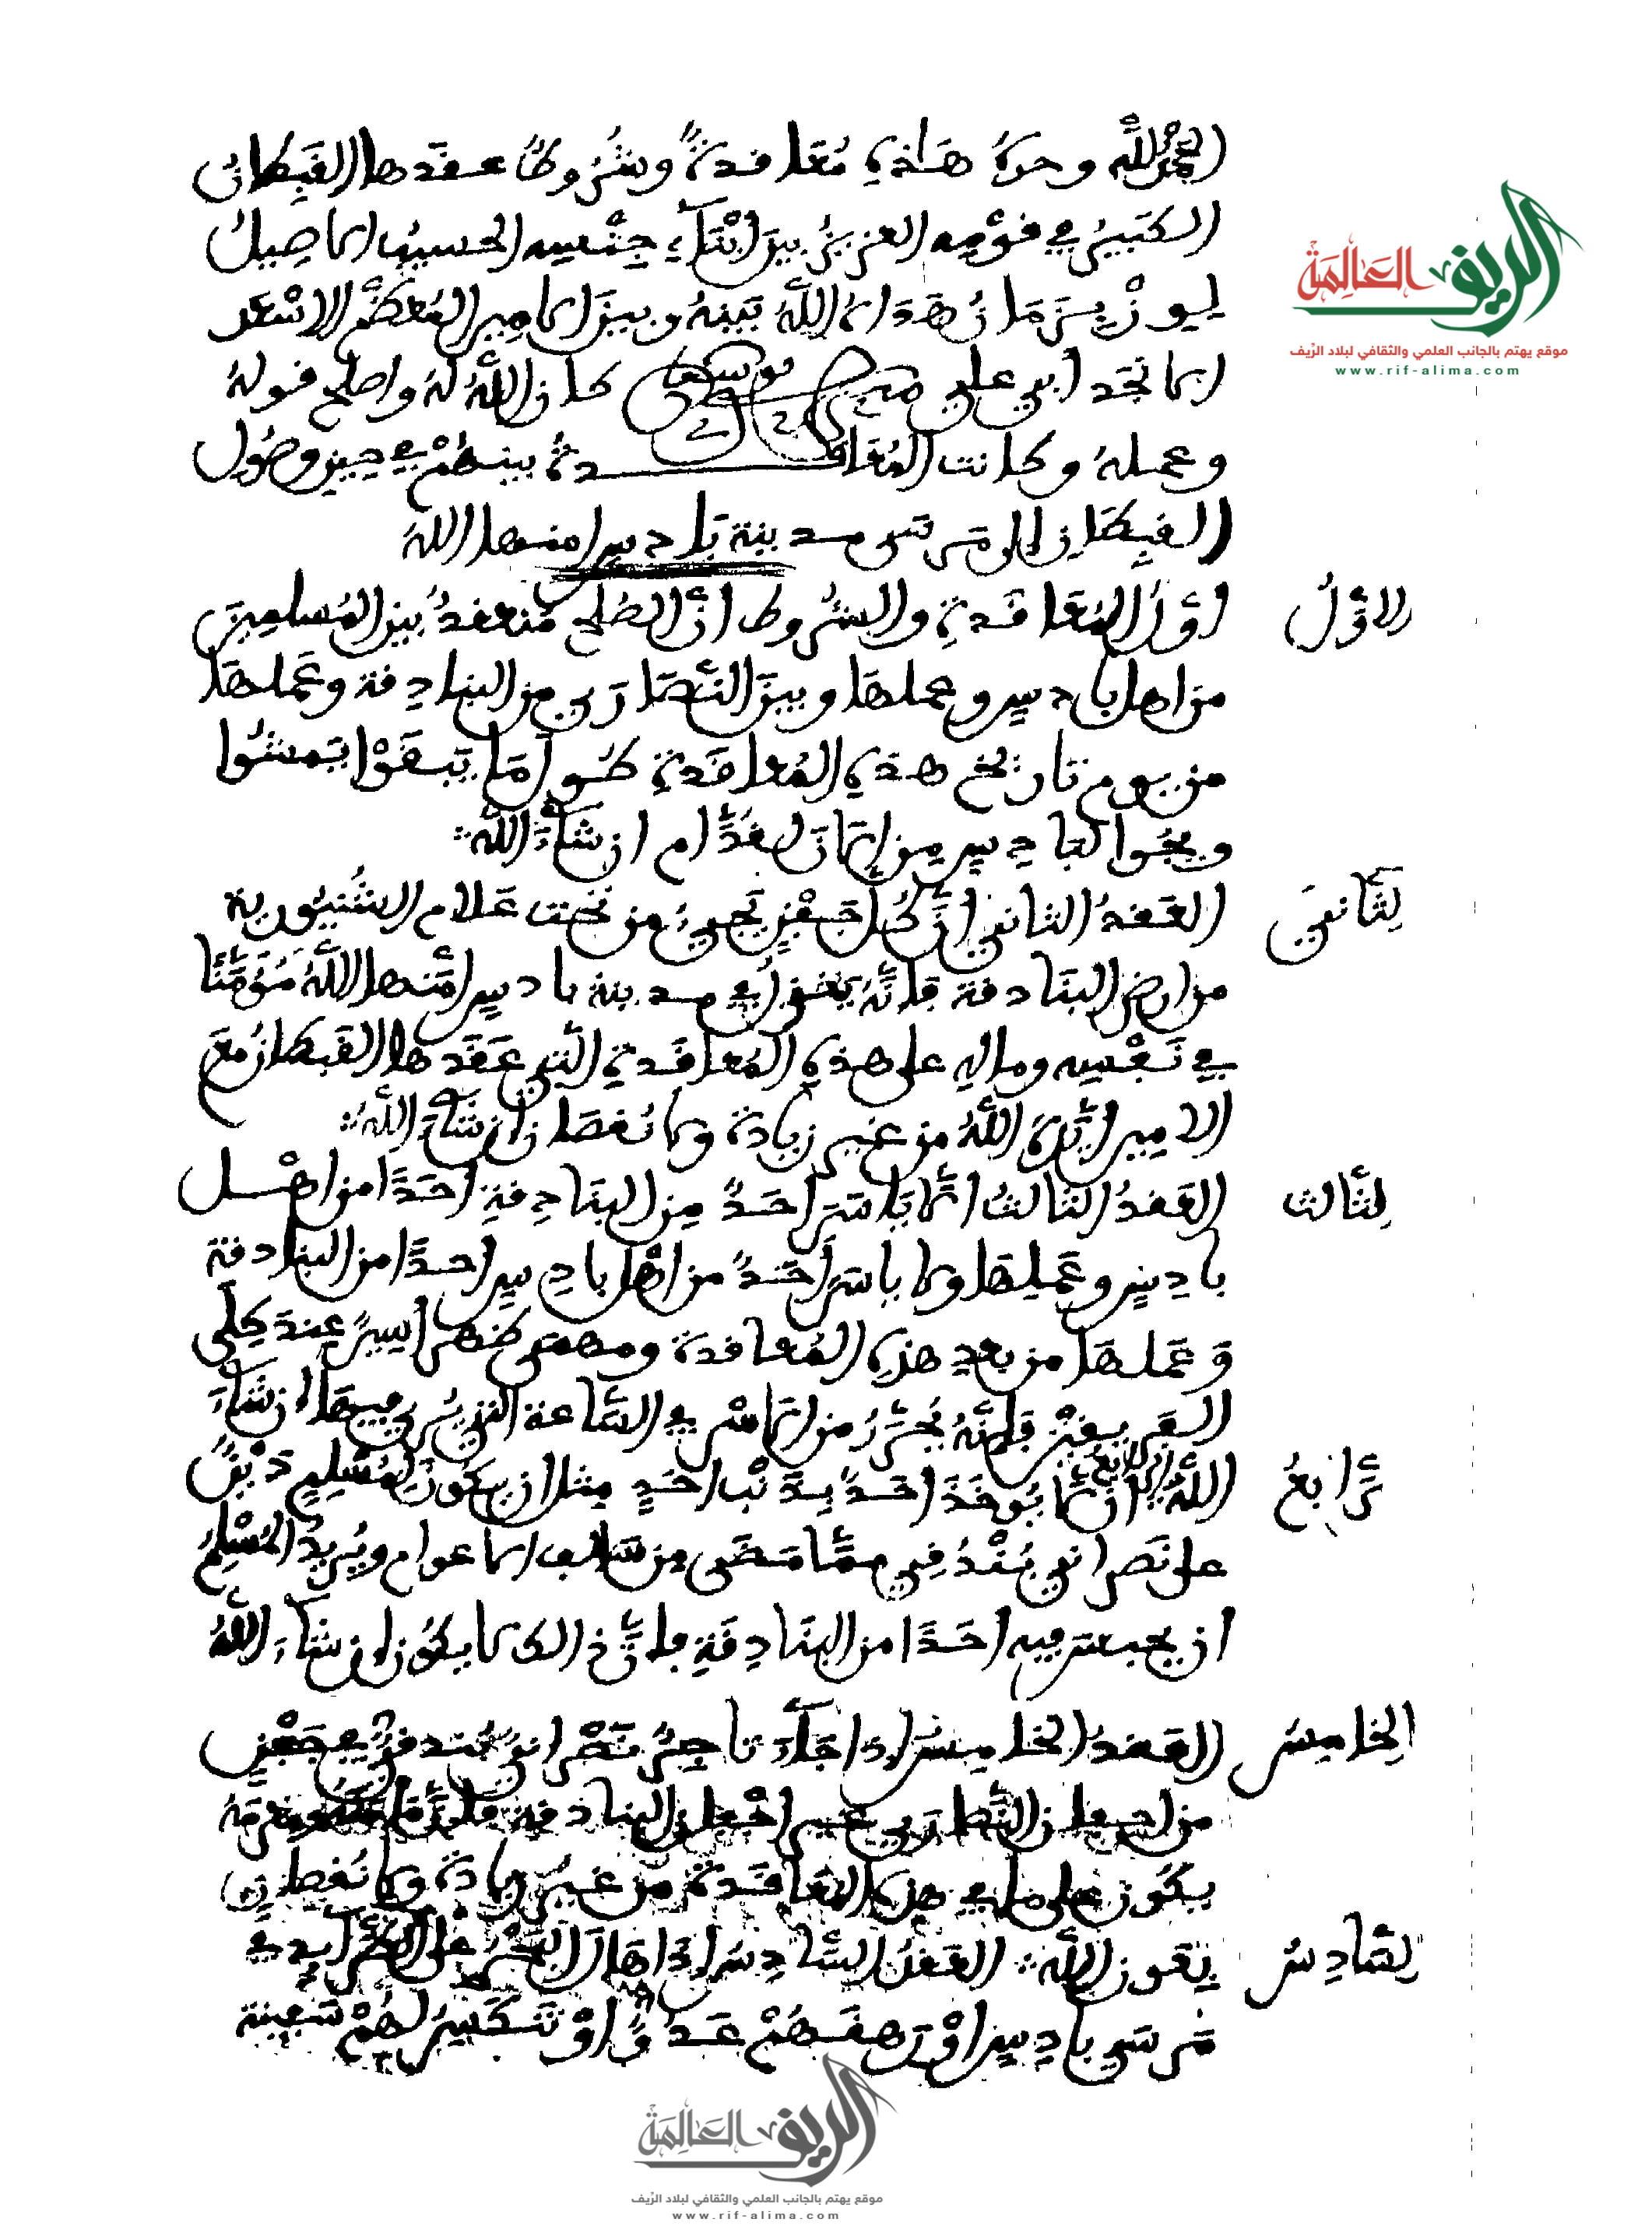 وثيقة بندقية: تكشف عن إمارة منصور بن يوسف في بادس